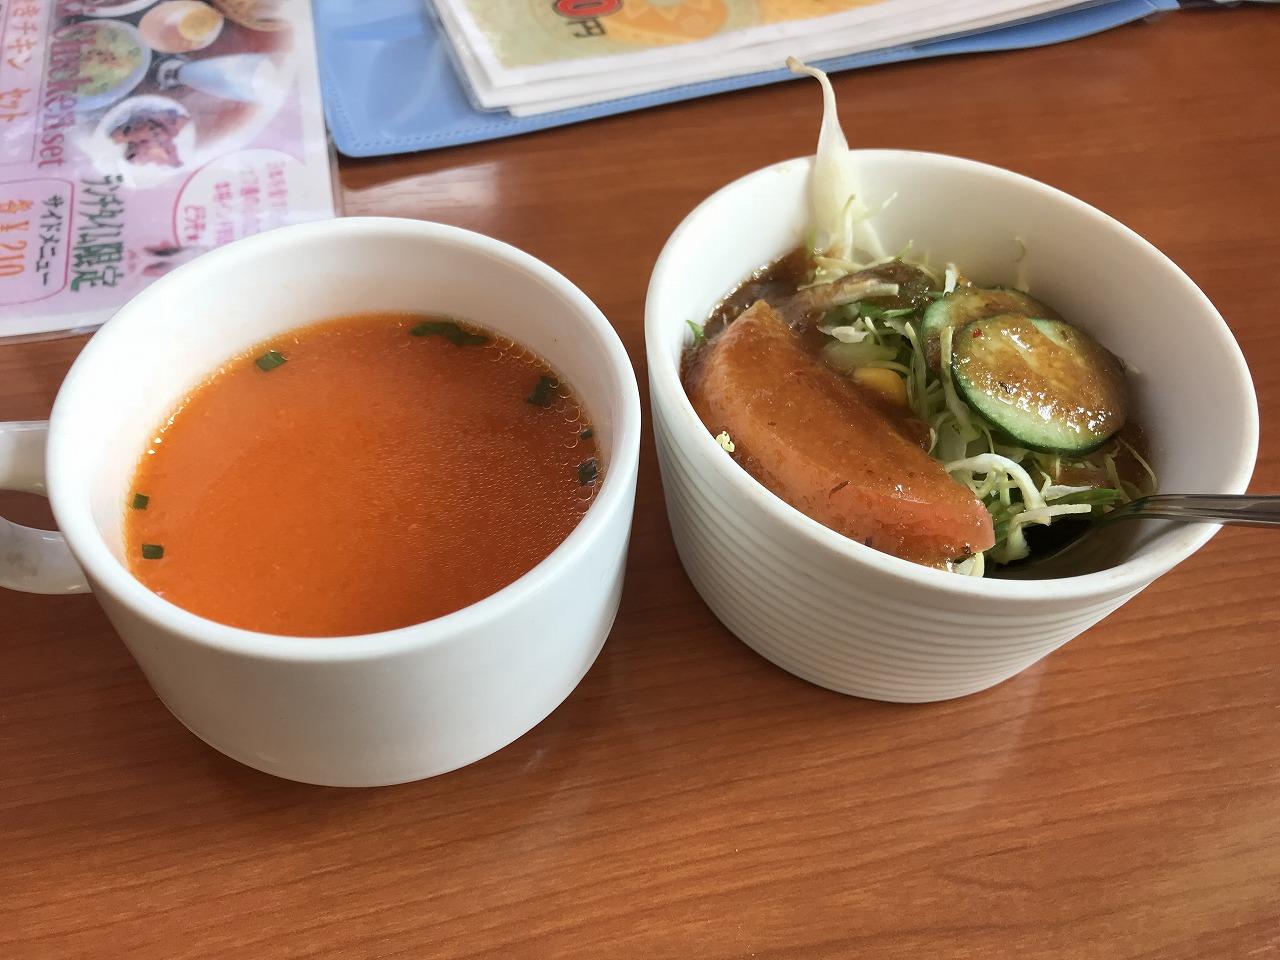 ムーナ佐土原店の前菜とスープ